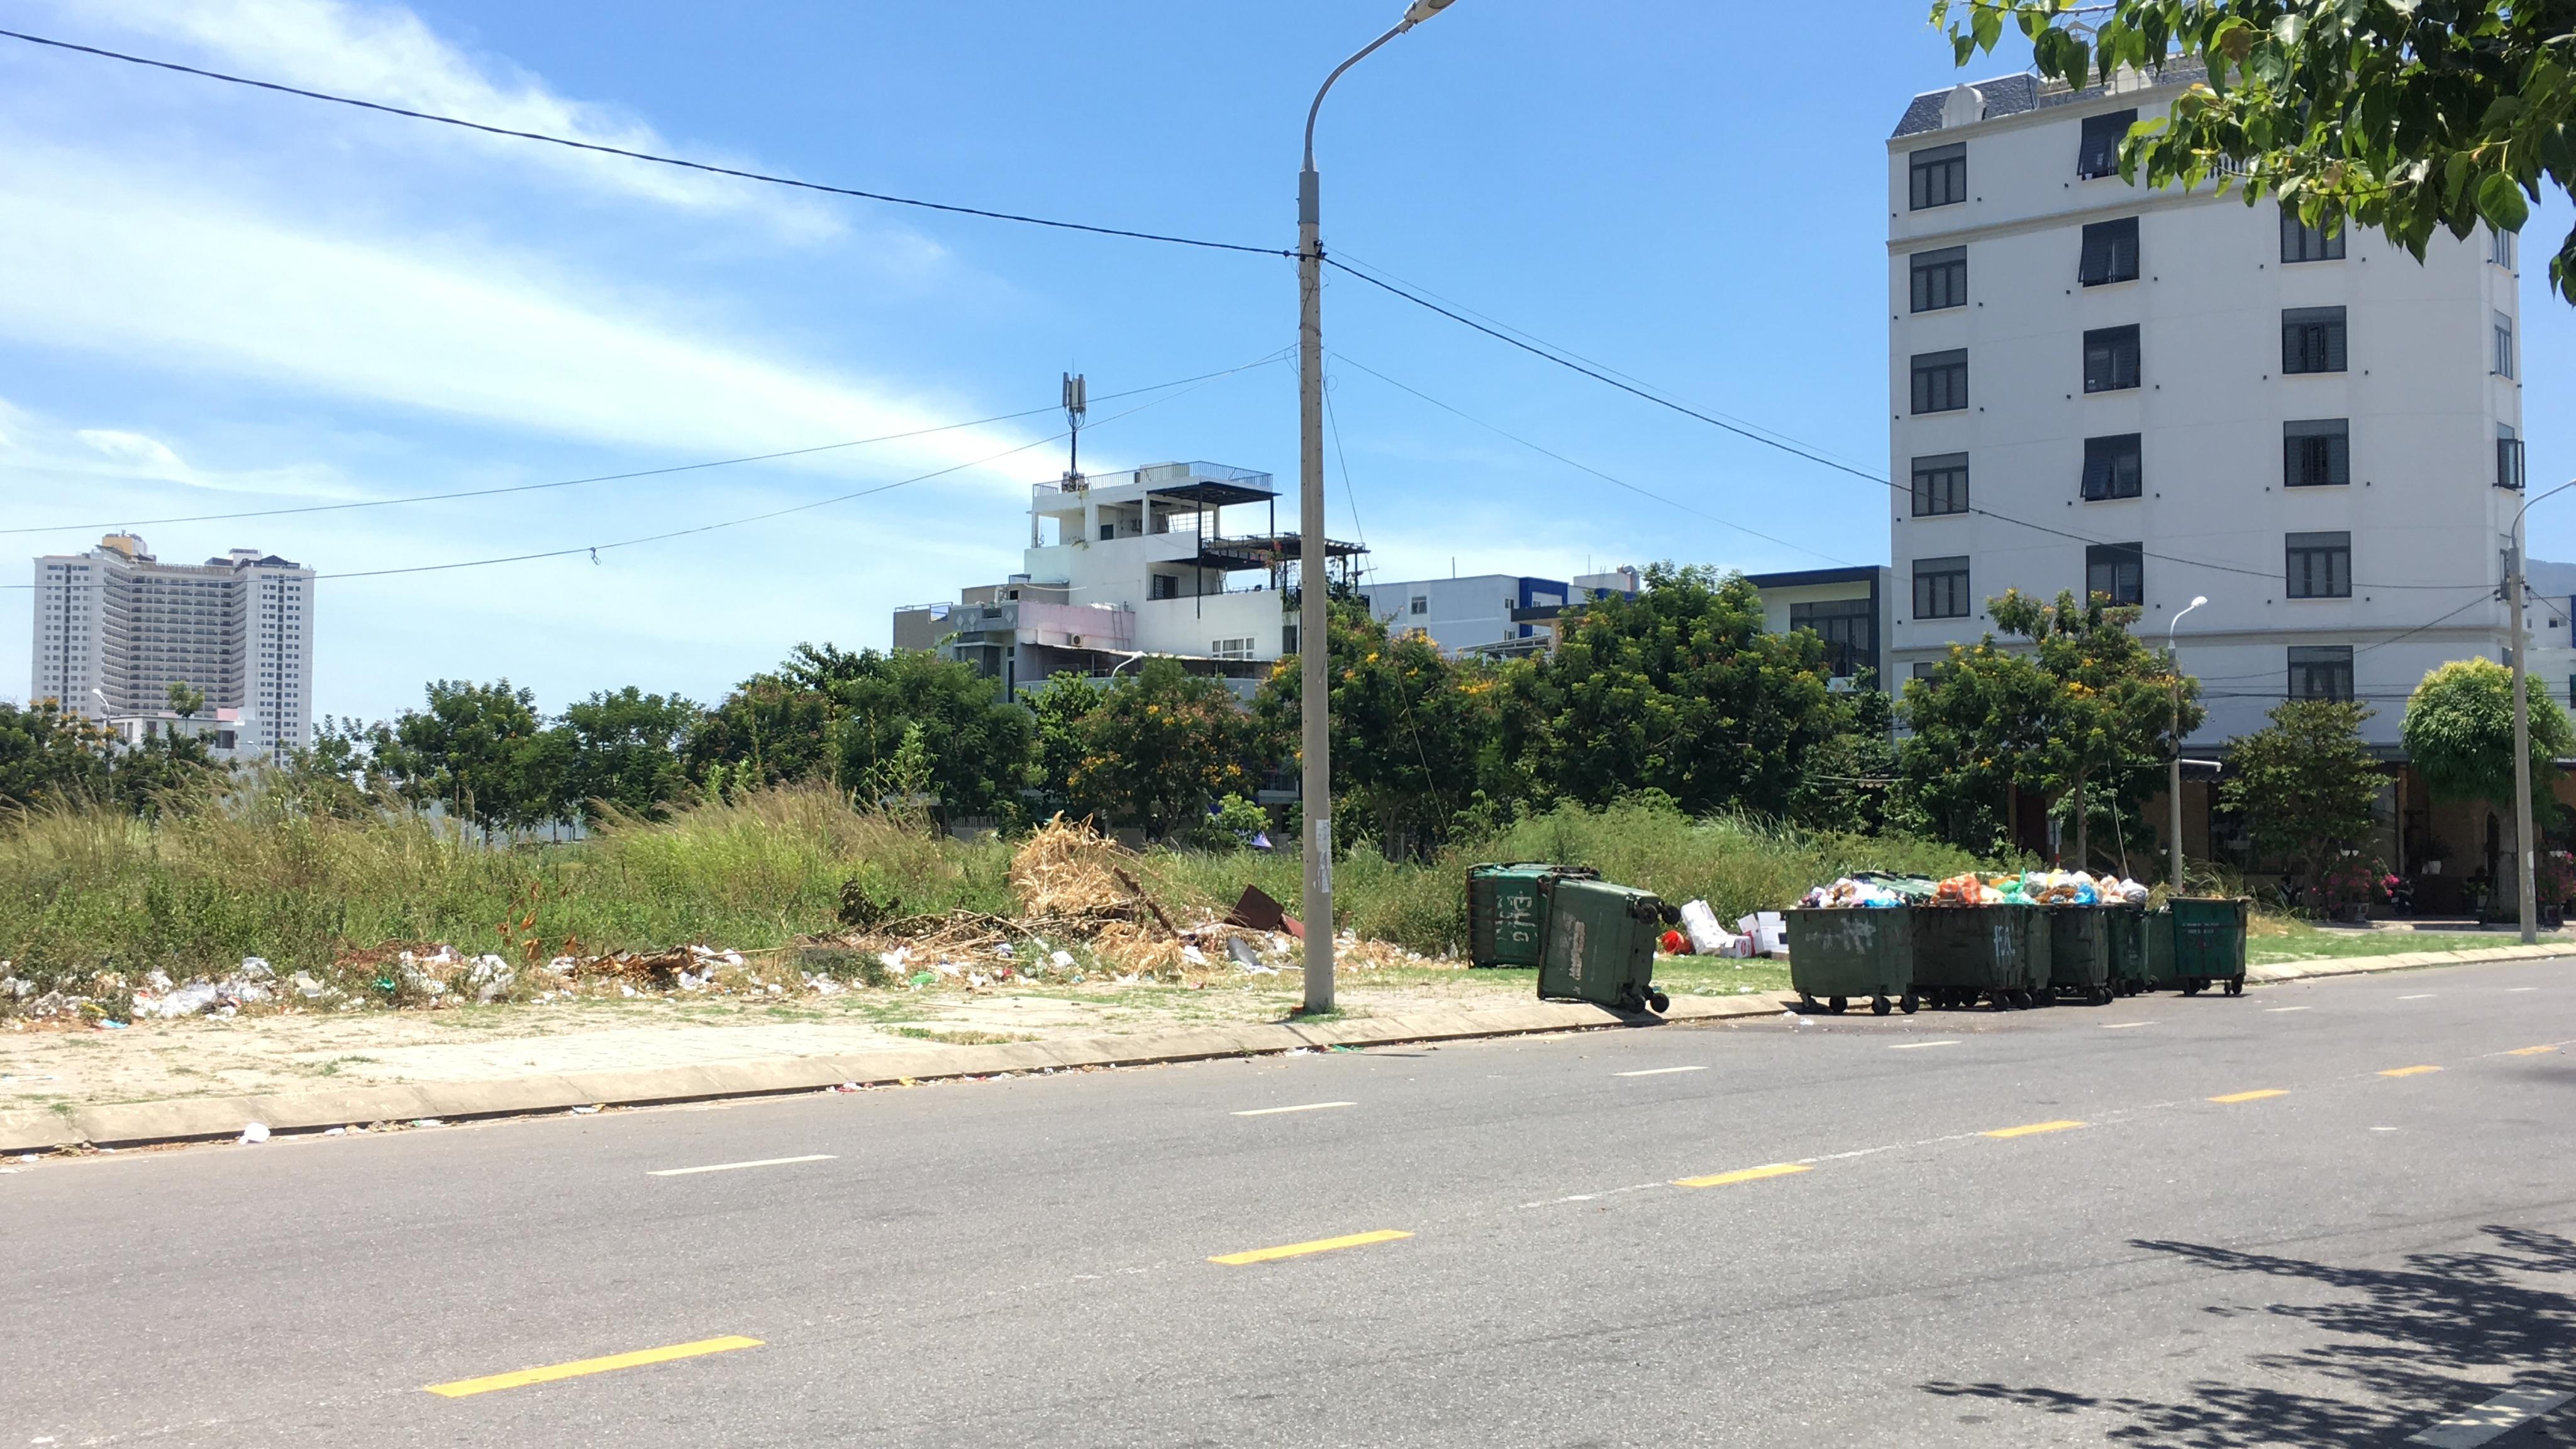 Cận cảnh đất vàng ven sông Hàn, Tập đoàn Đông Đô trúng đấu giá hơn 310 tỉ đồng để xây dựng chung cư - Ảnh 9.